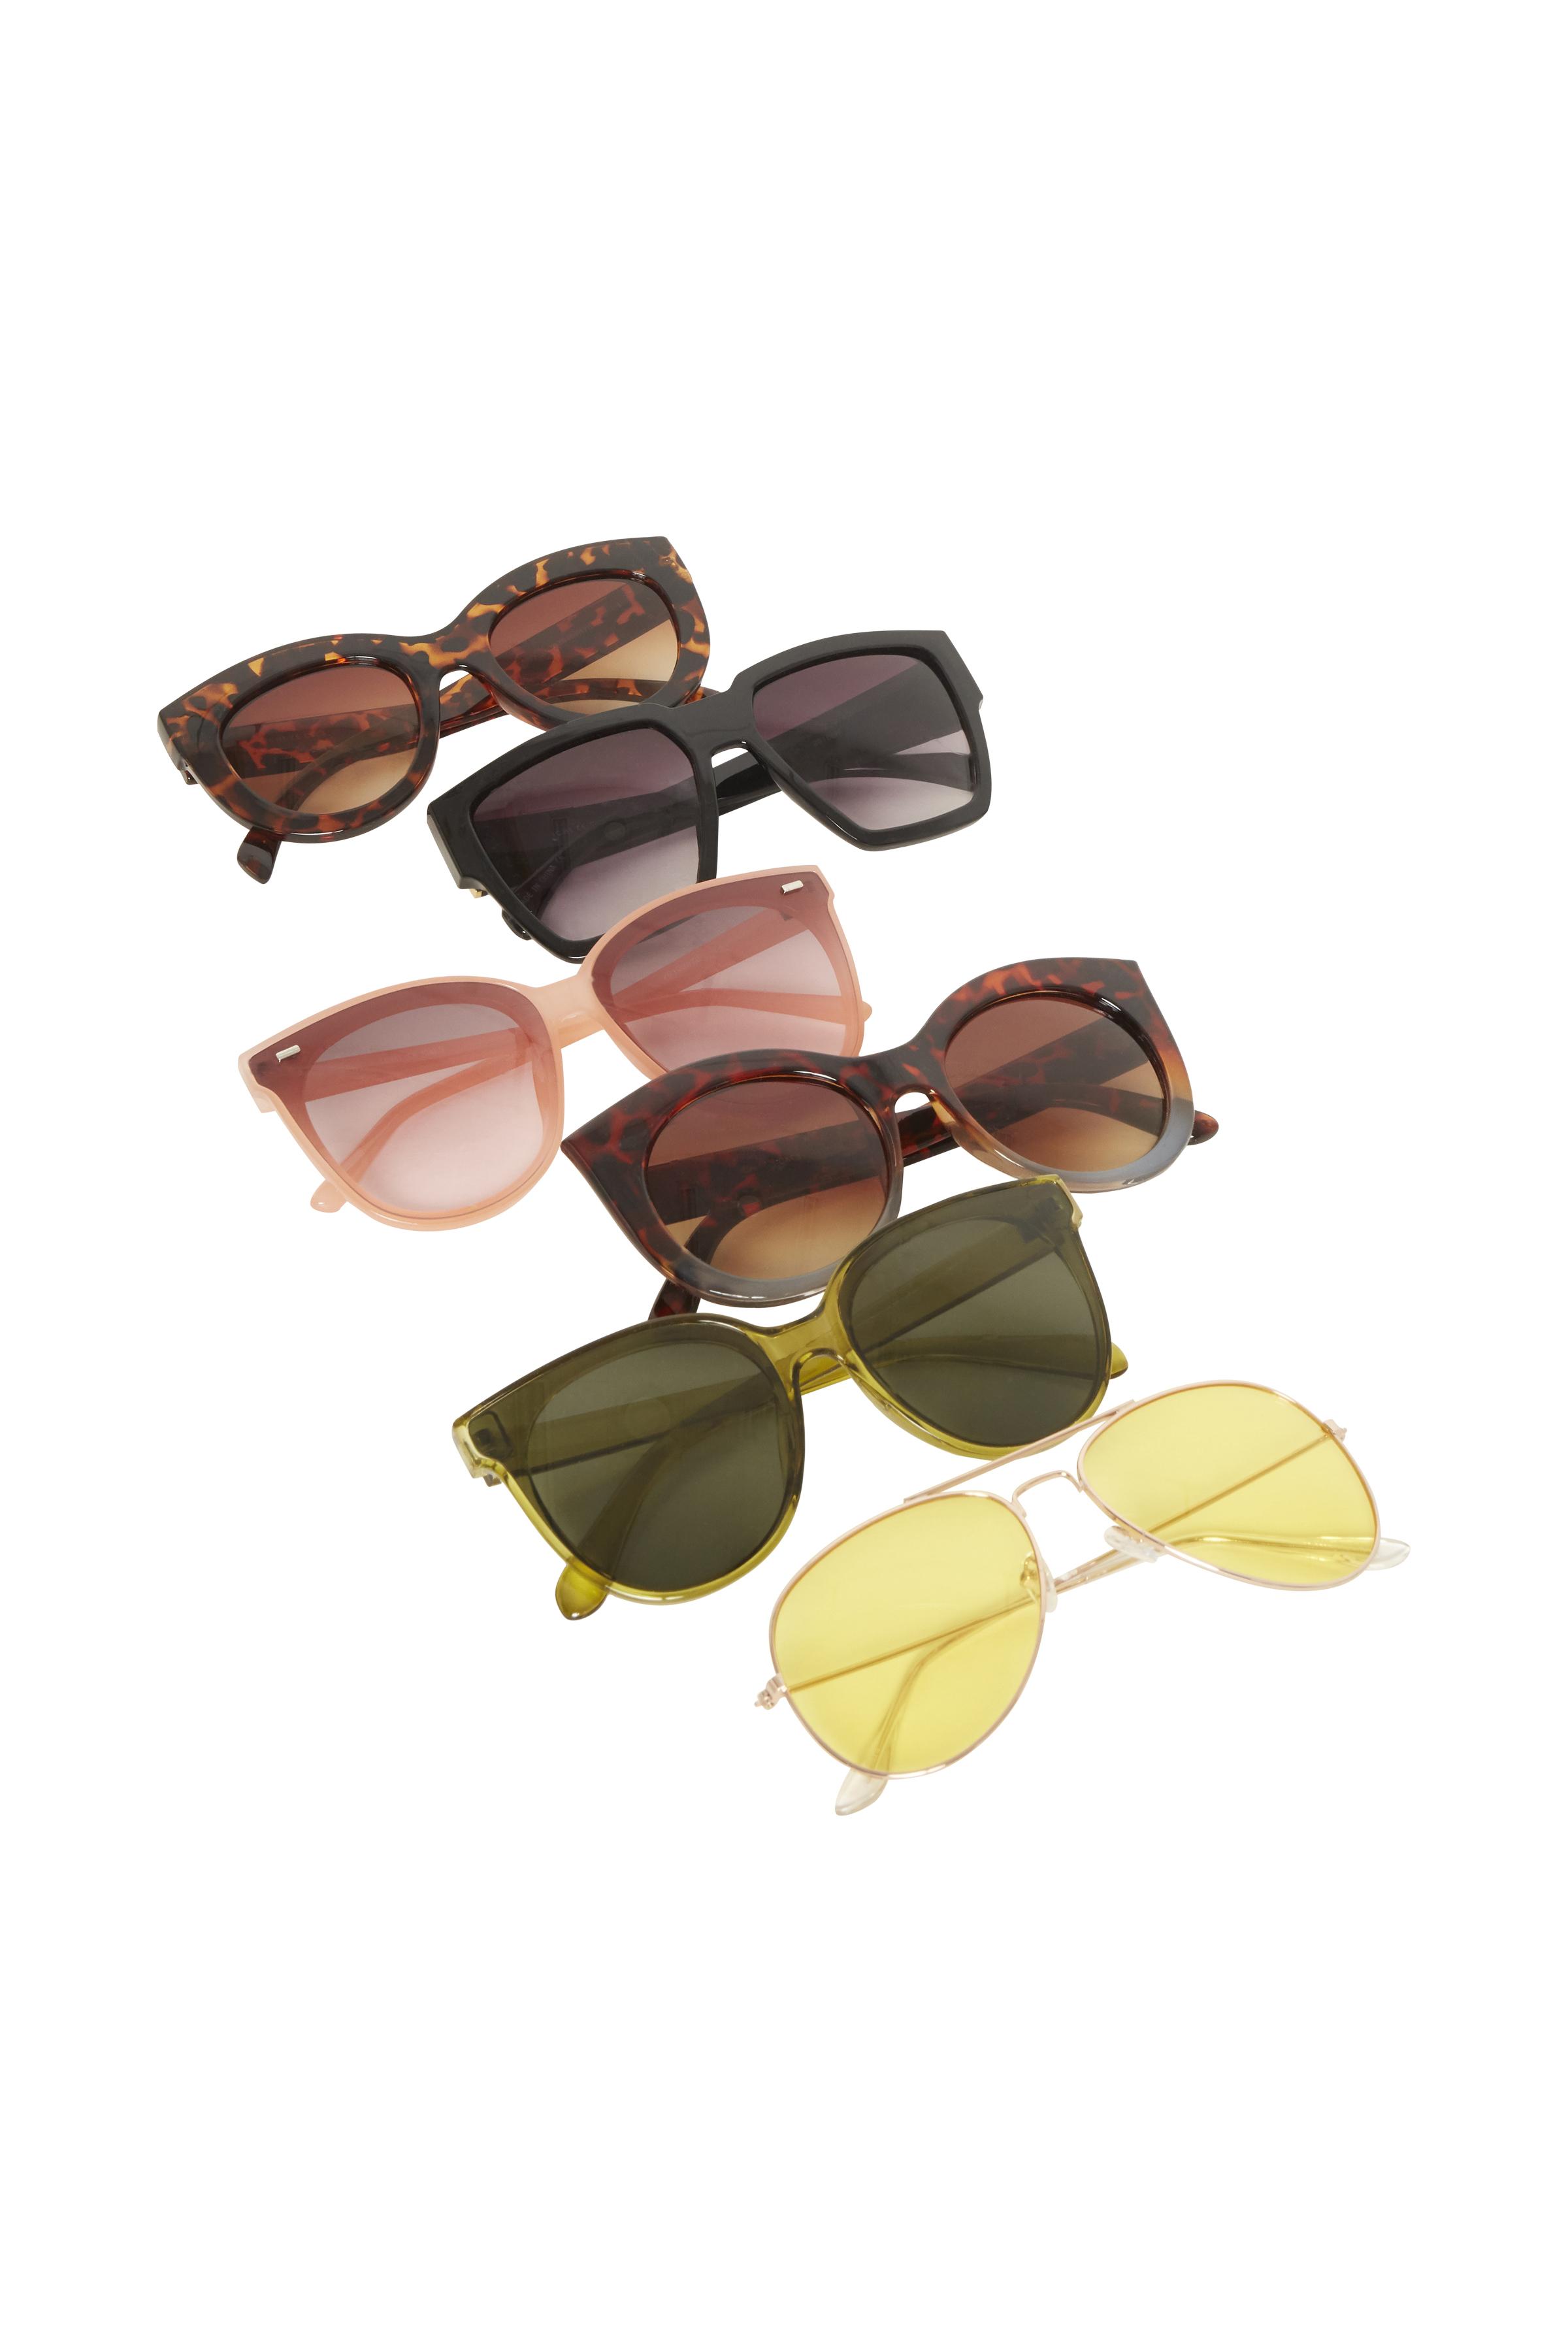 6 Pack Solbriller – Køb 6 Pack Solbriller fra str. ONE her